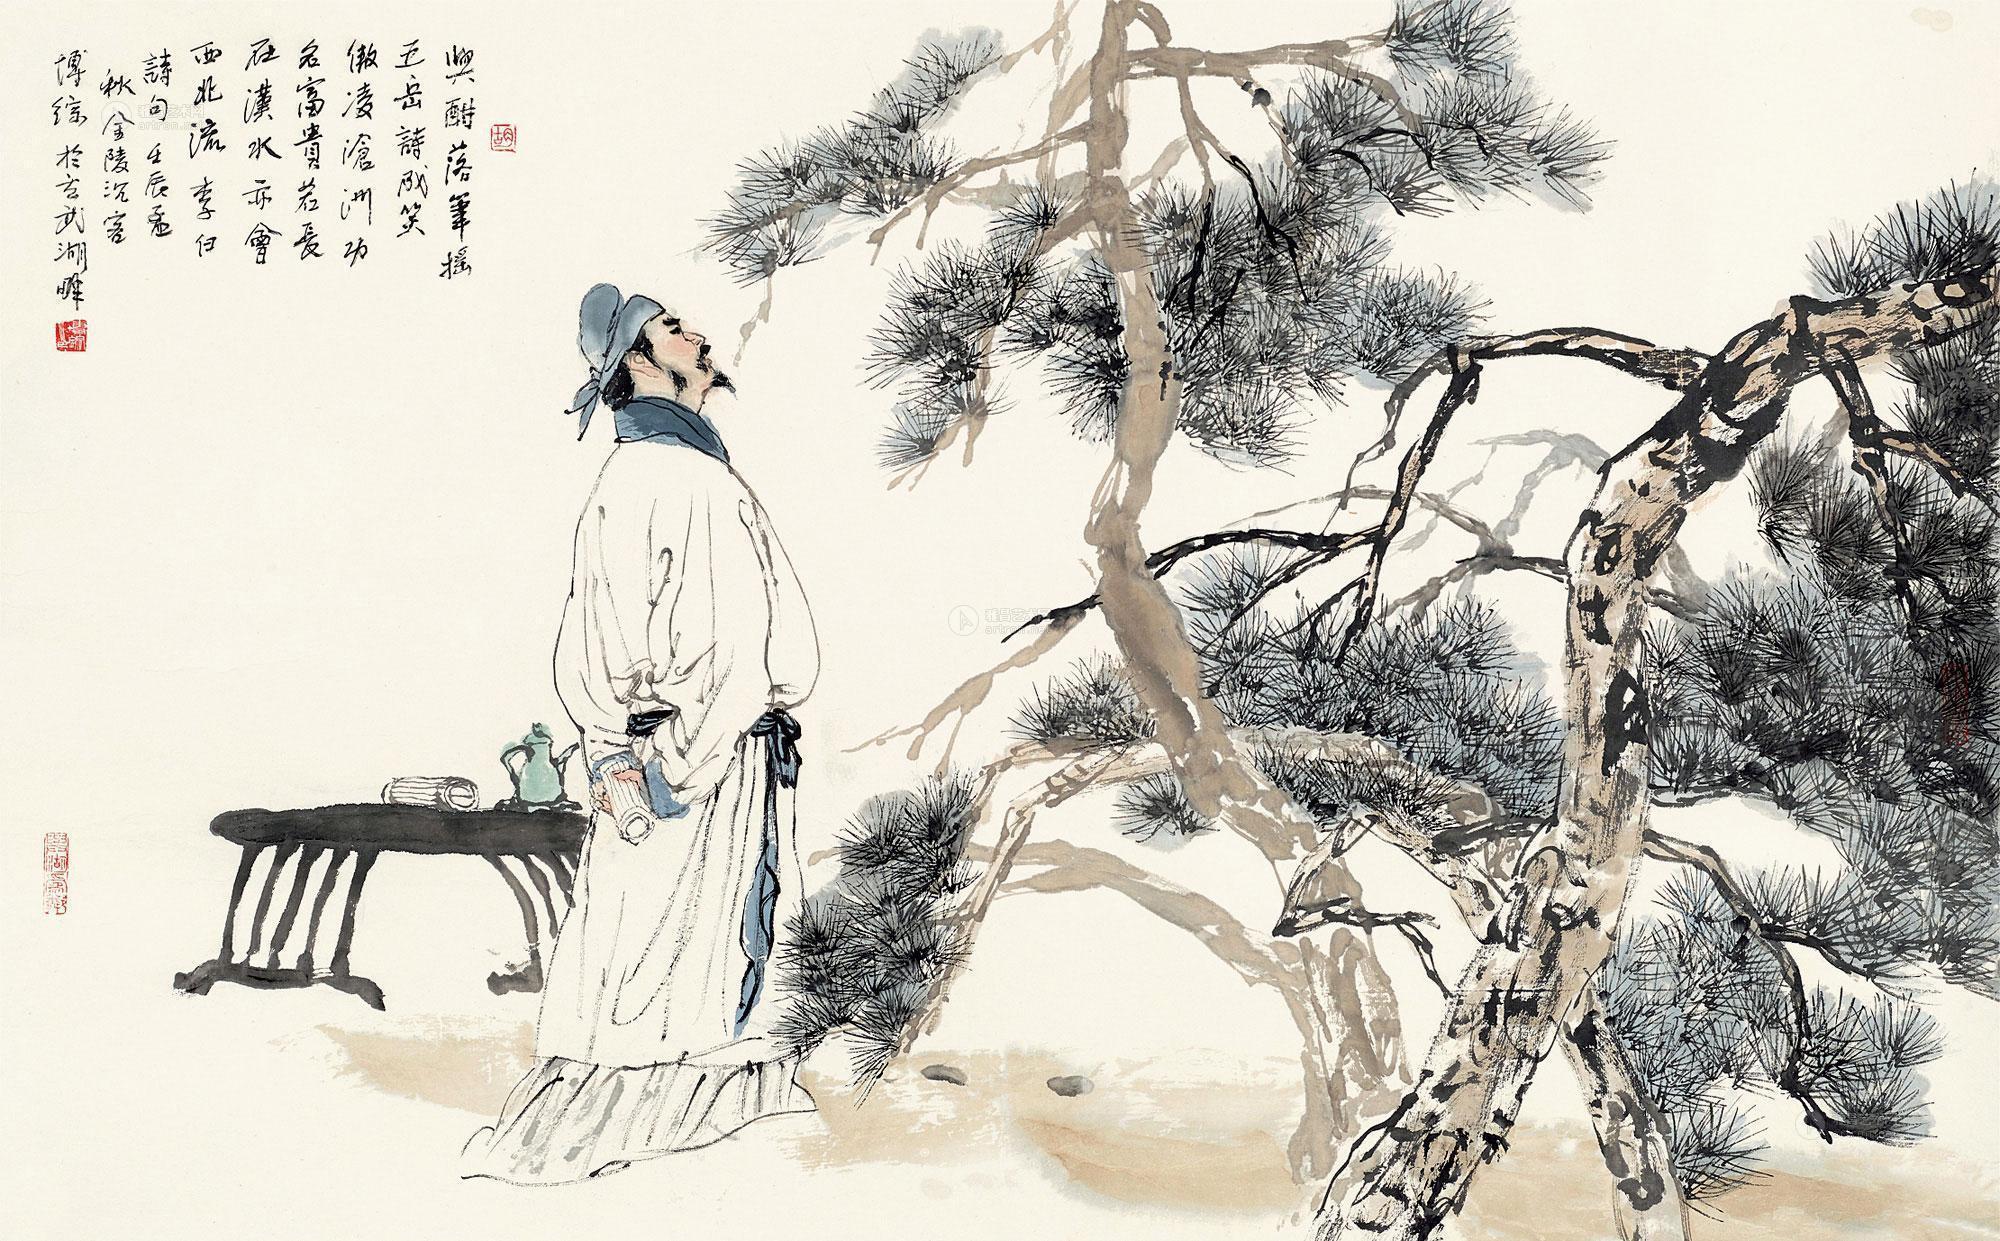 Phát biểu cảm nghĩ về bài thơ Cảm nghĩ trong đêm thanh tĩnh của nhà thơ Lí Bạch.